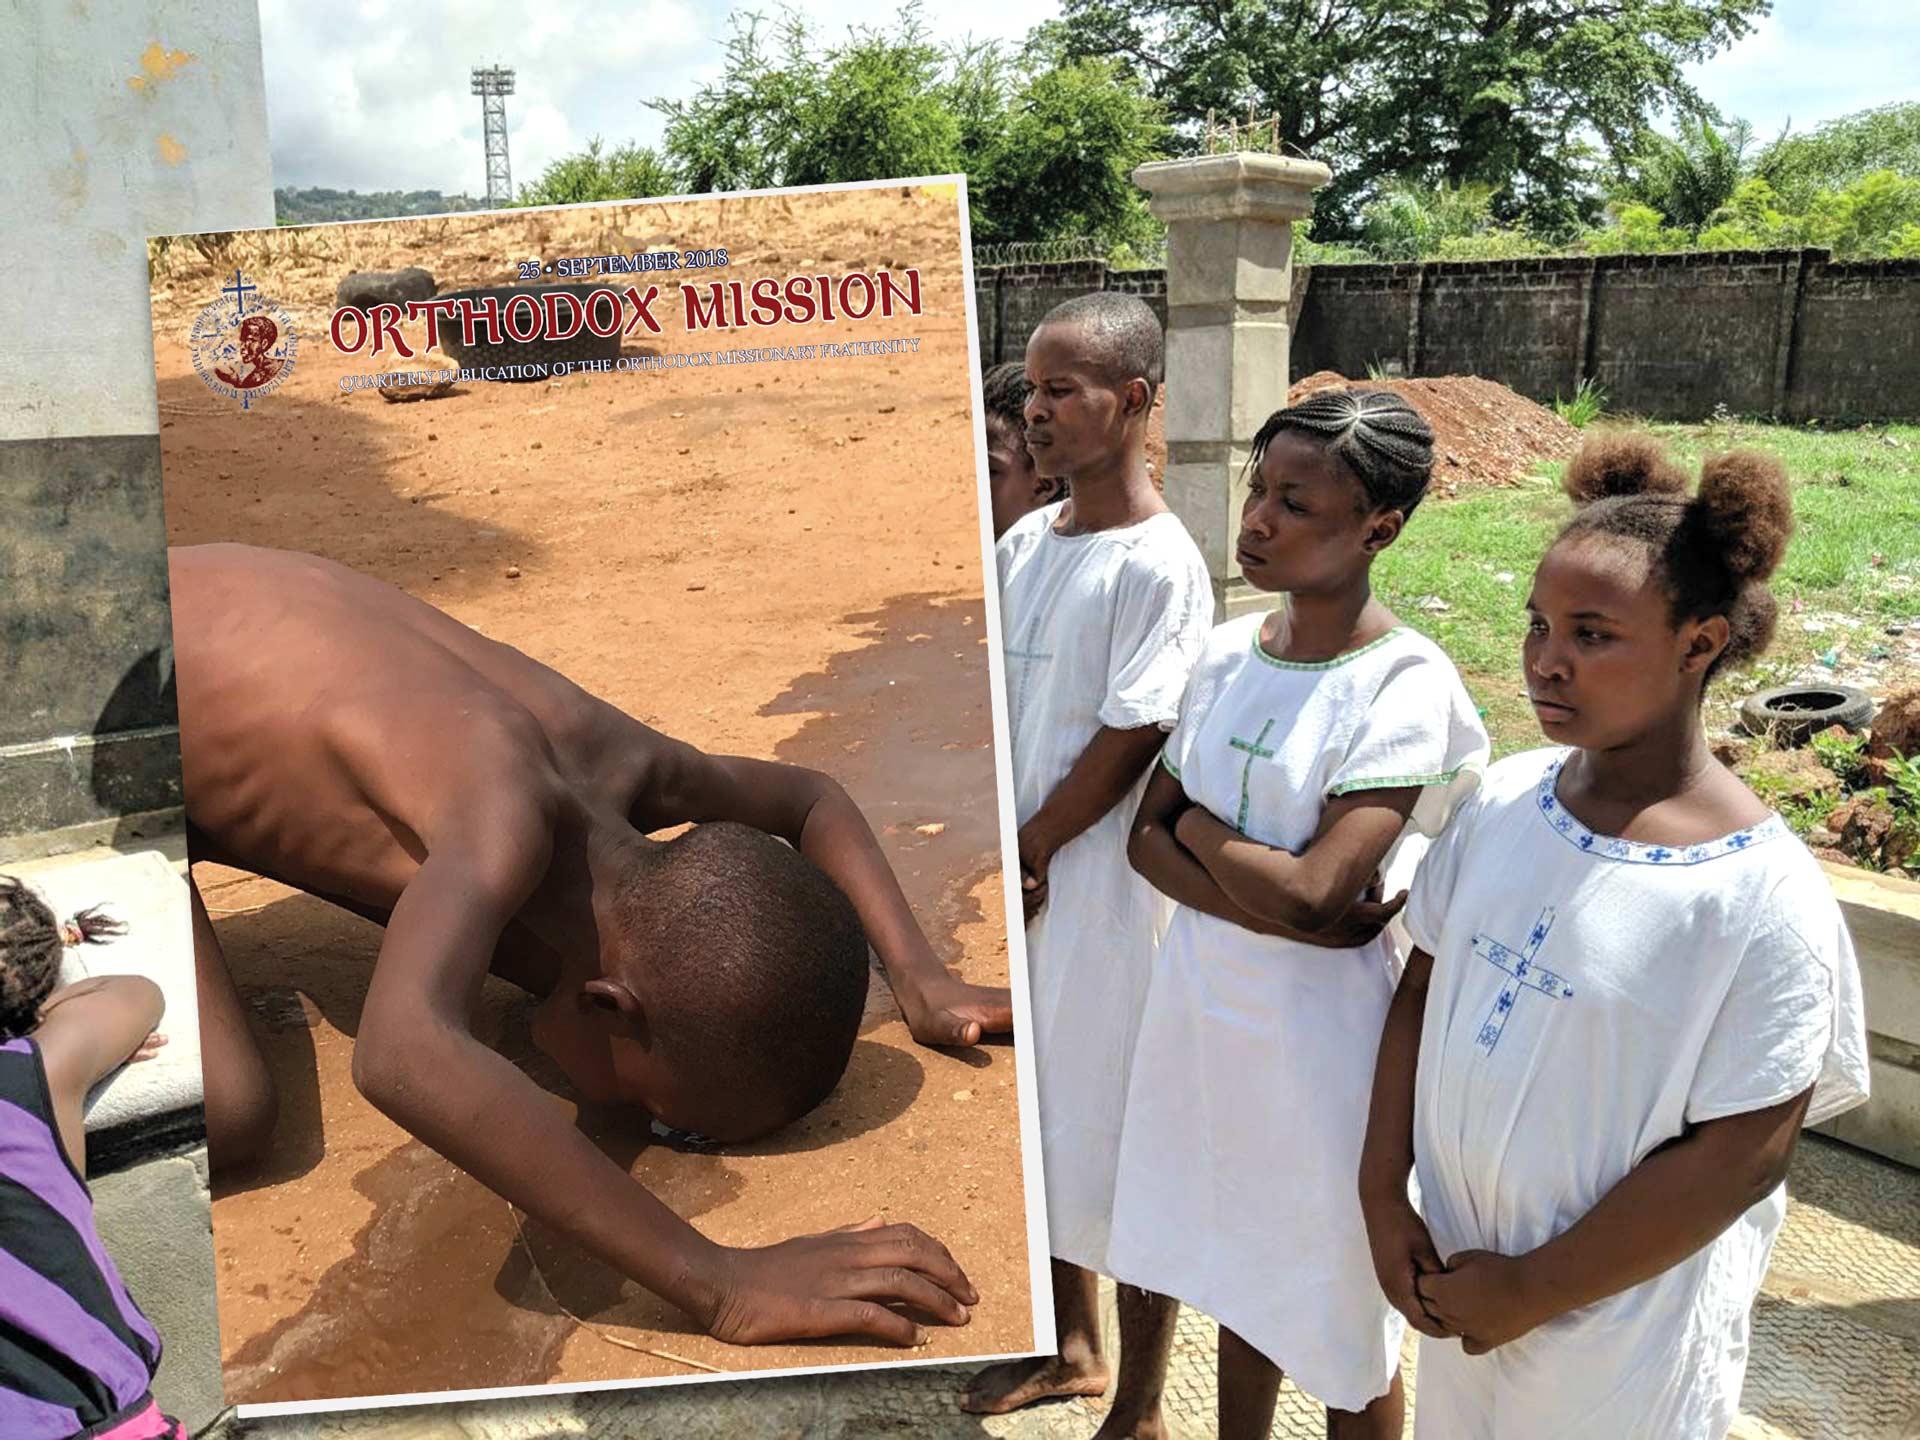 Αποτέλεσμα εικόνας για The new Orthodox Mission magazine is now available online